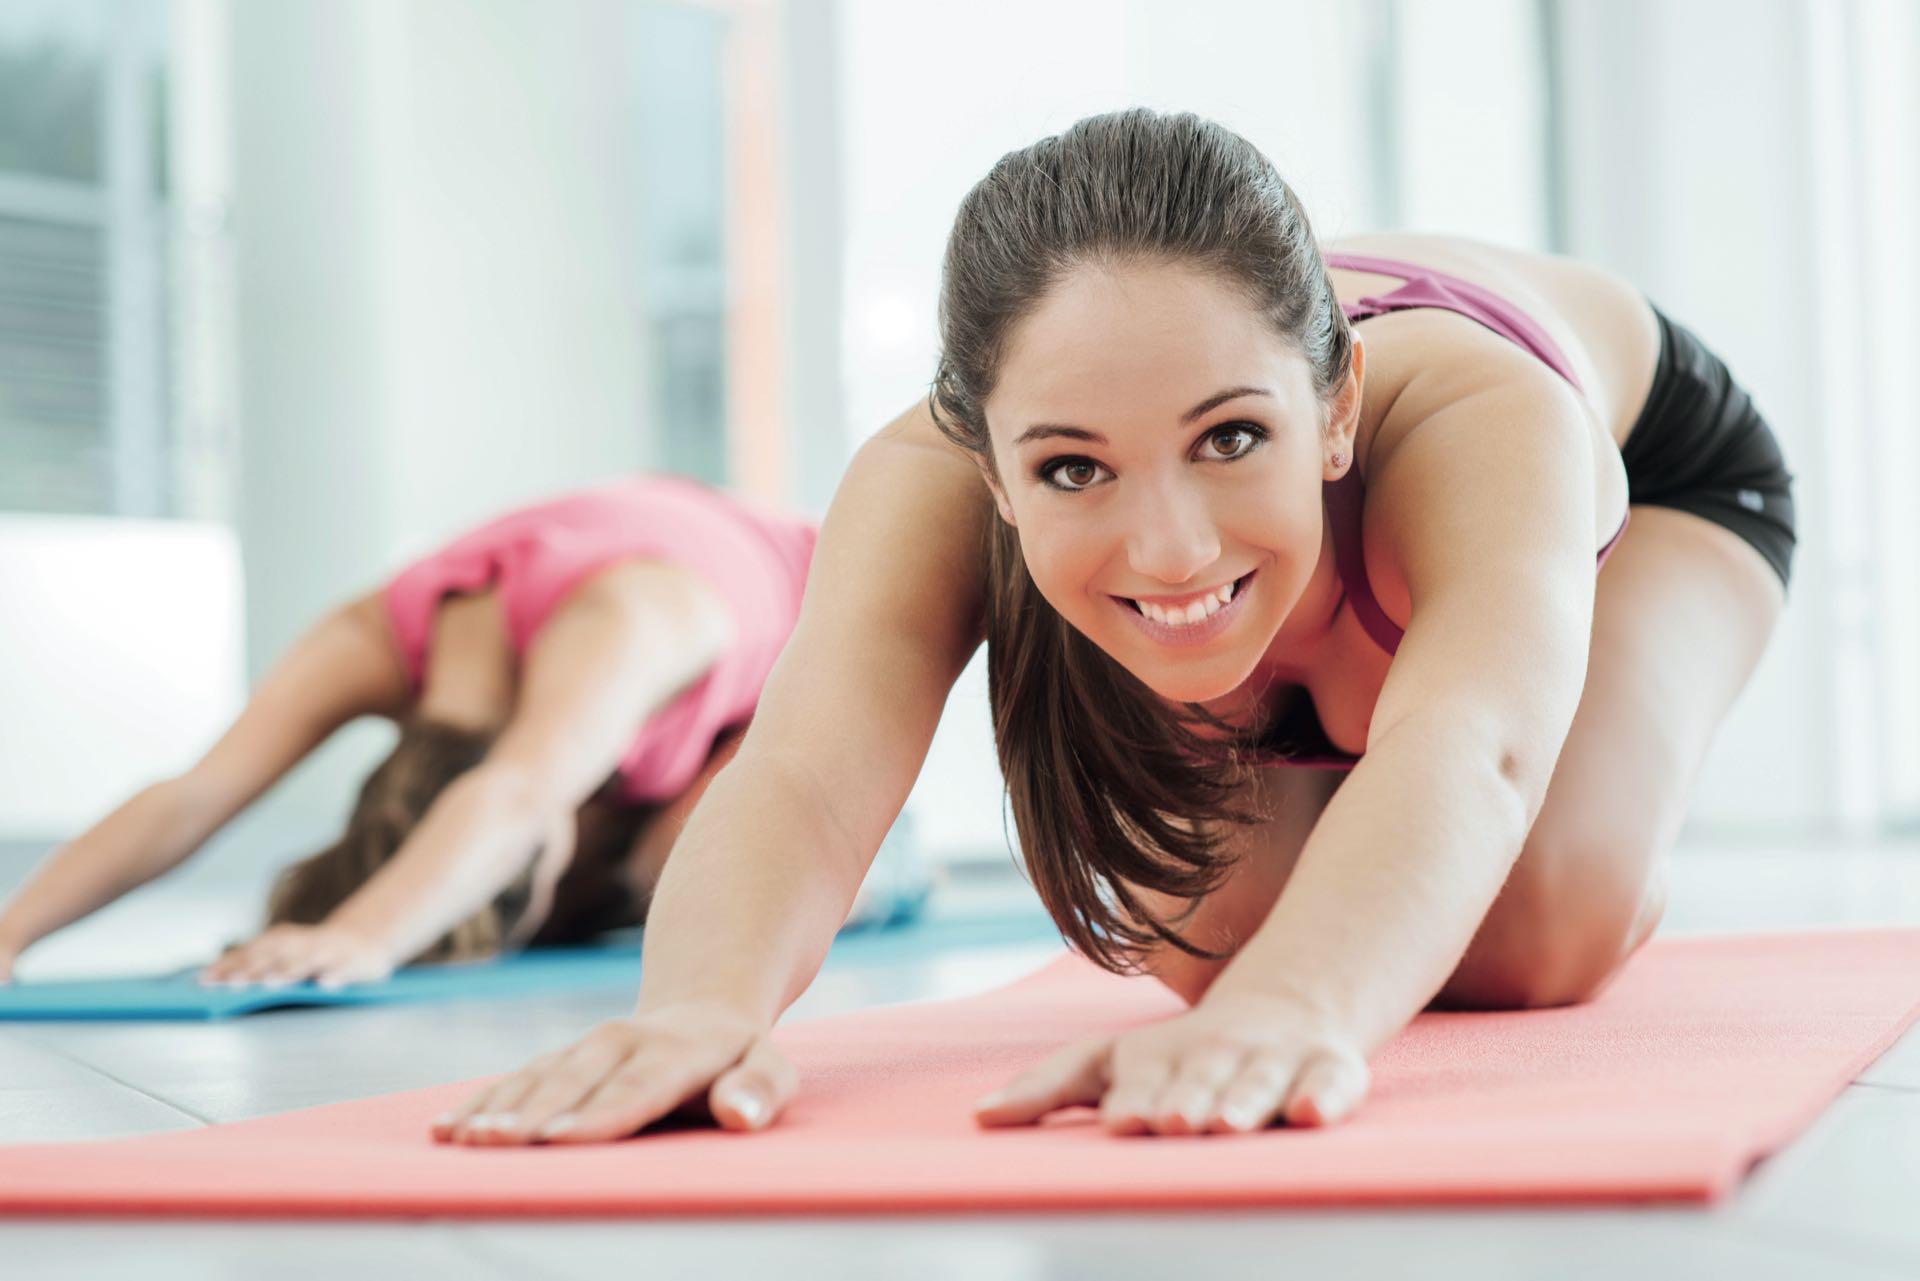 ACTIVIDADES INDOOR. Stretching, GAP, entrenamiento funcional, indoor cycling, yoga o pilates son algunas opciones para ejercitarse a puertas cerradas.